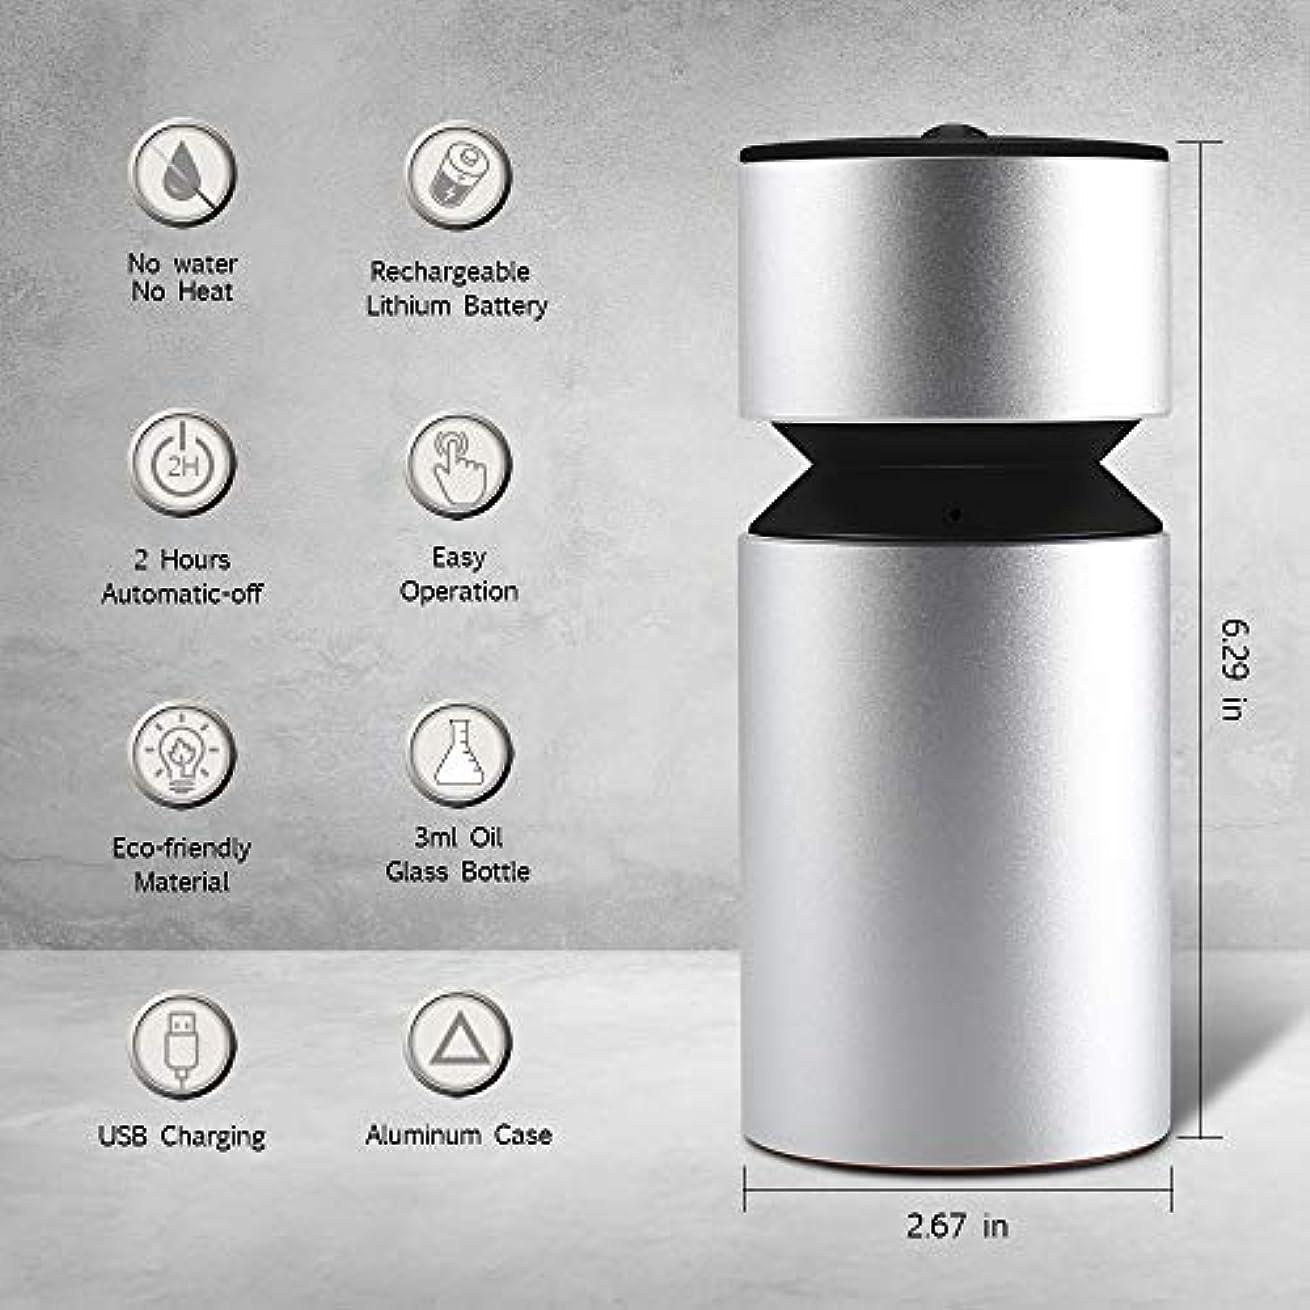 超音波アロマディフューザー、噴霧オイルディフューザー、ミニ3.0 USB充電式ネブライザーアロマアロマアロマ用アロマ